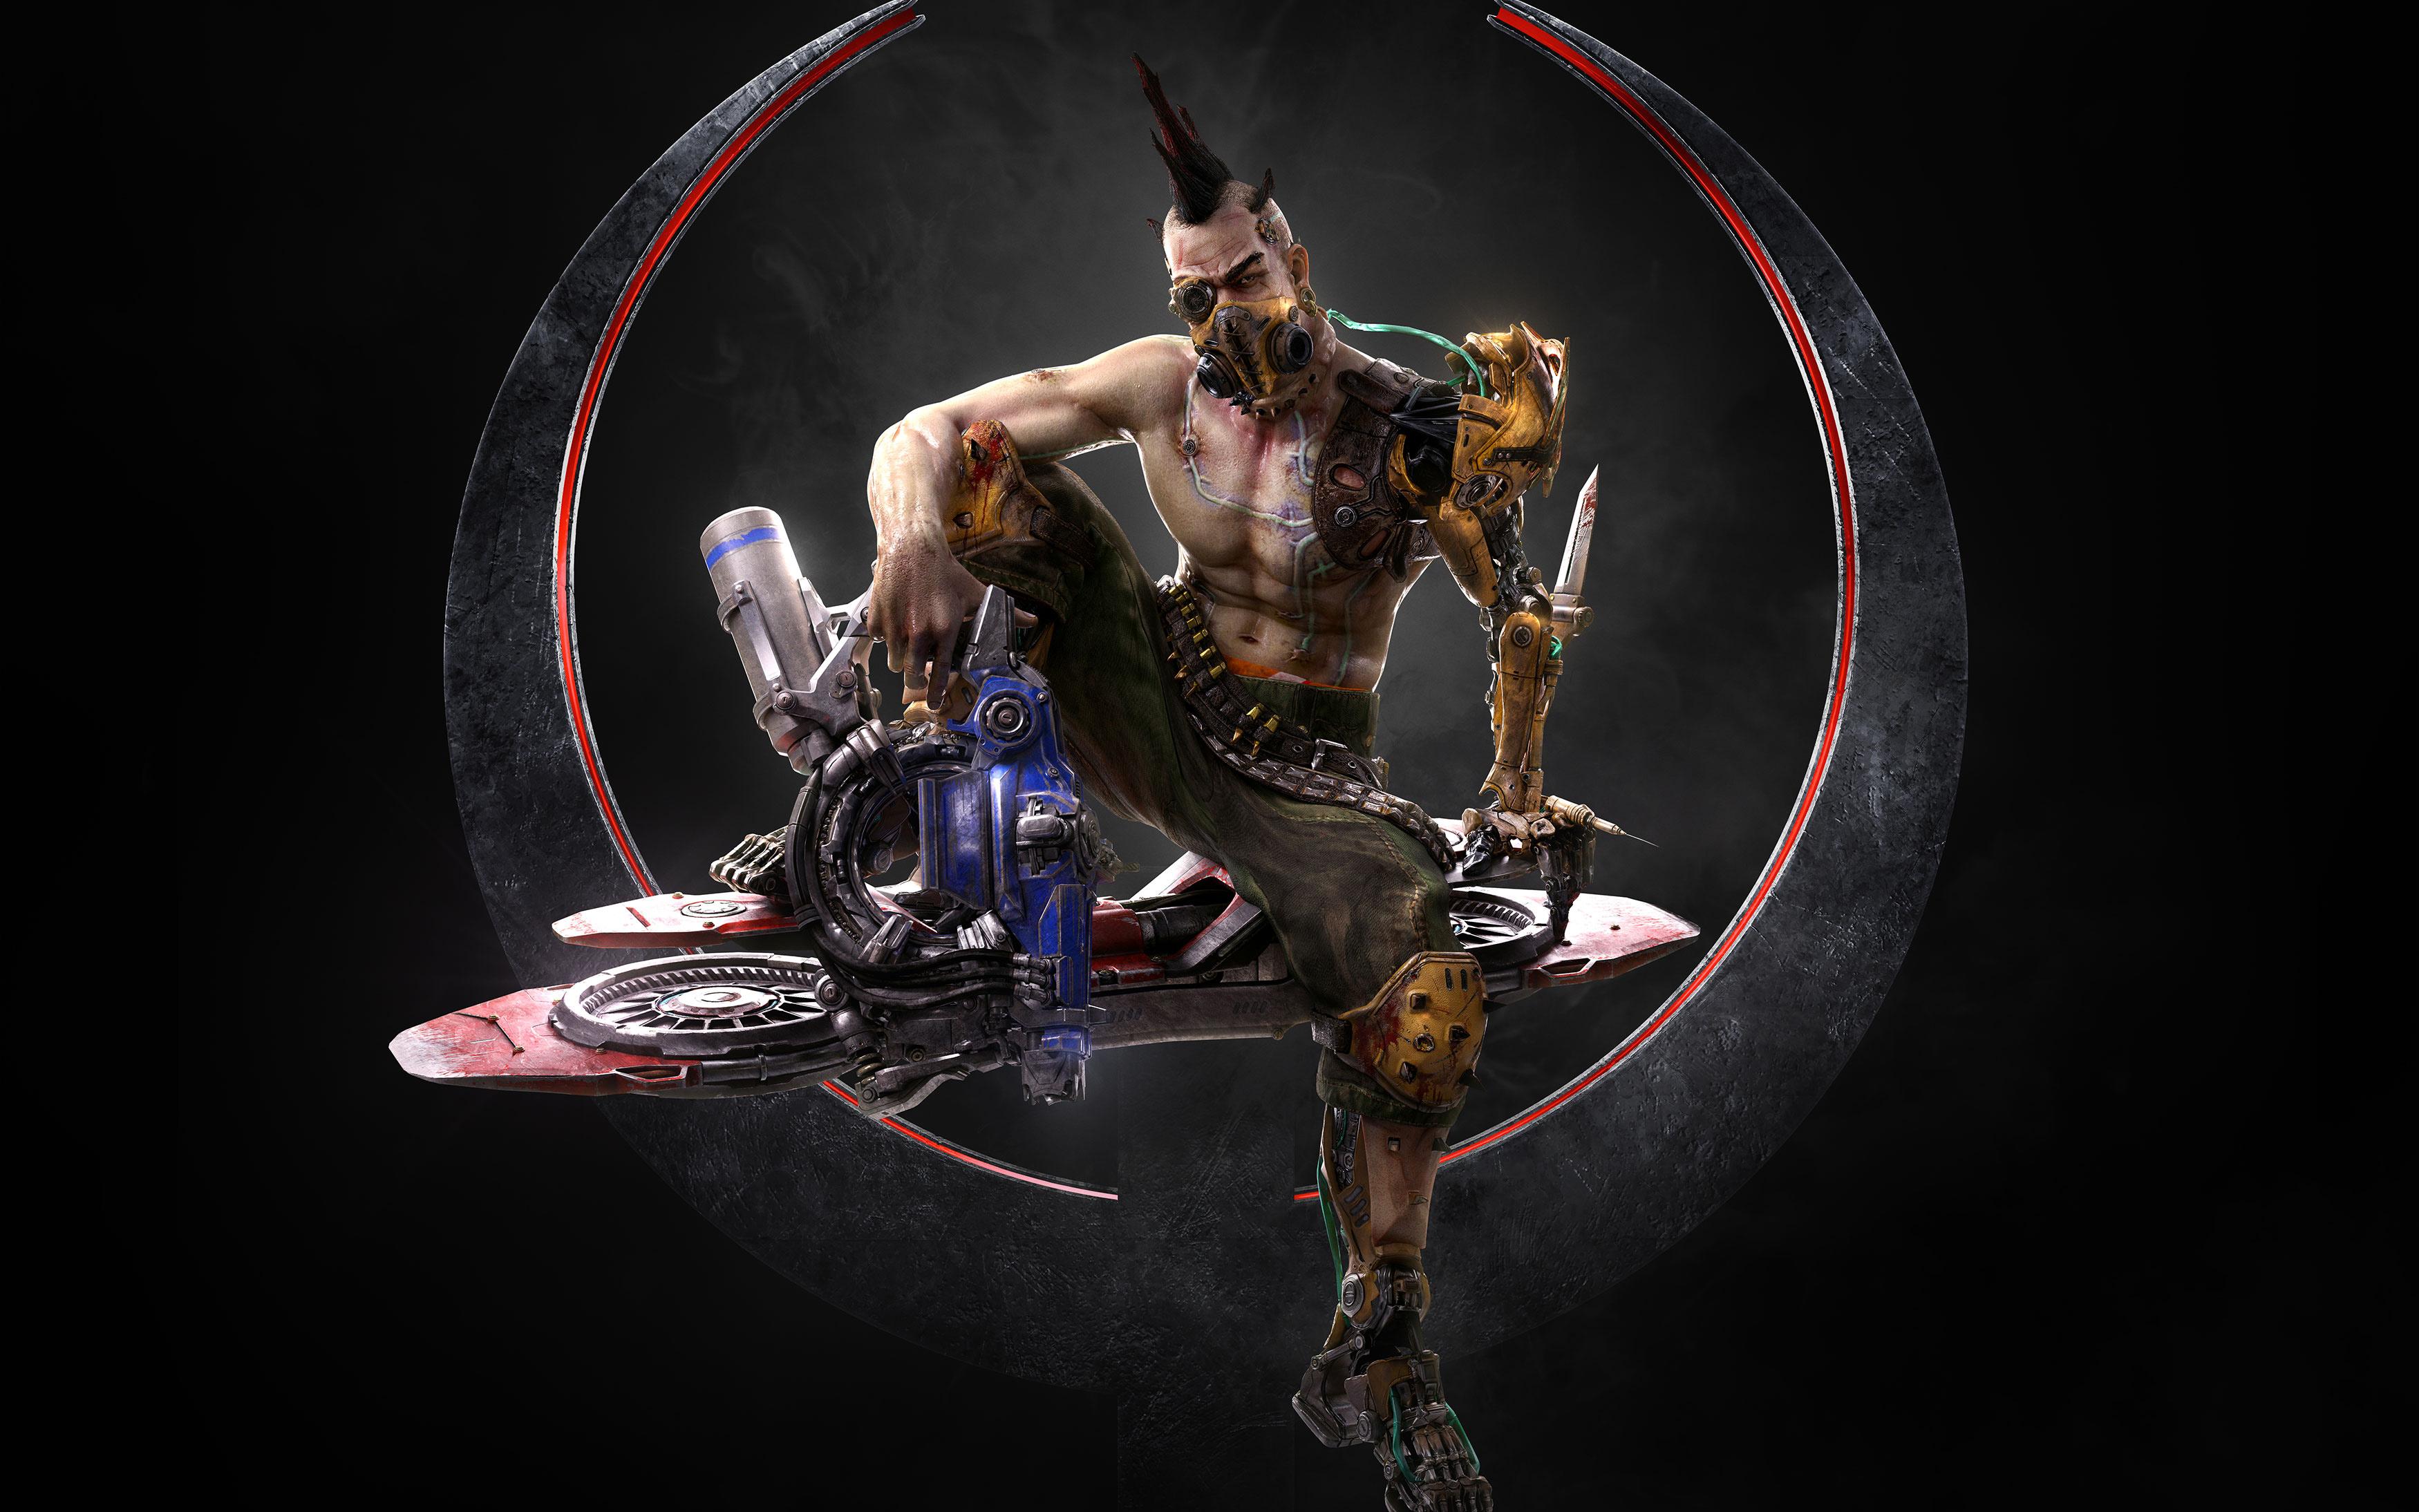 Чемпионов в Quake anarki обои скачать